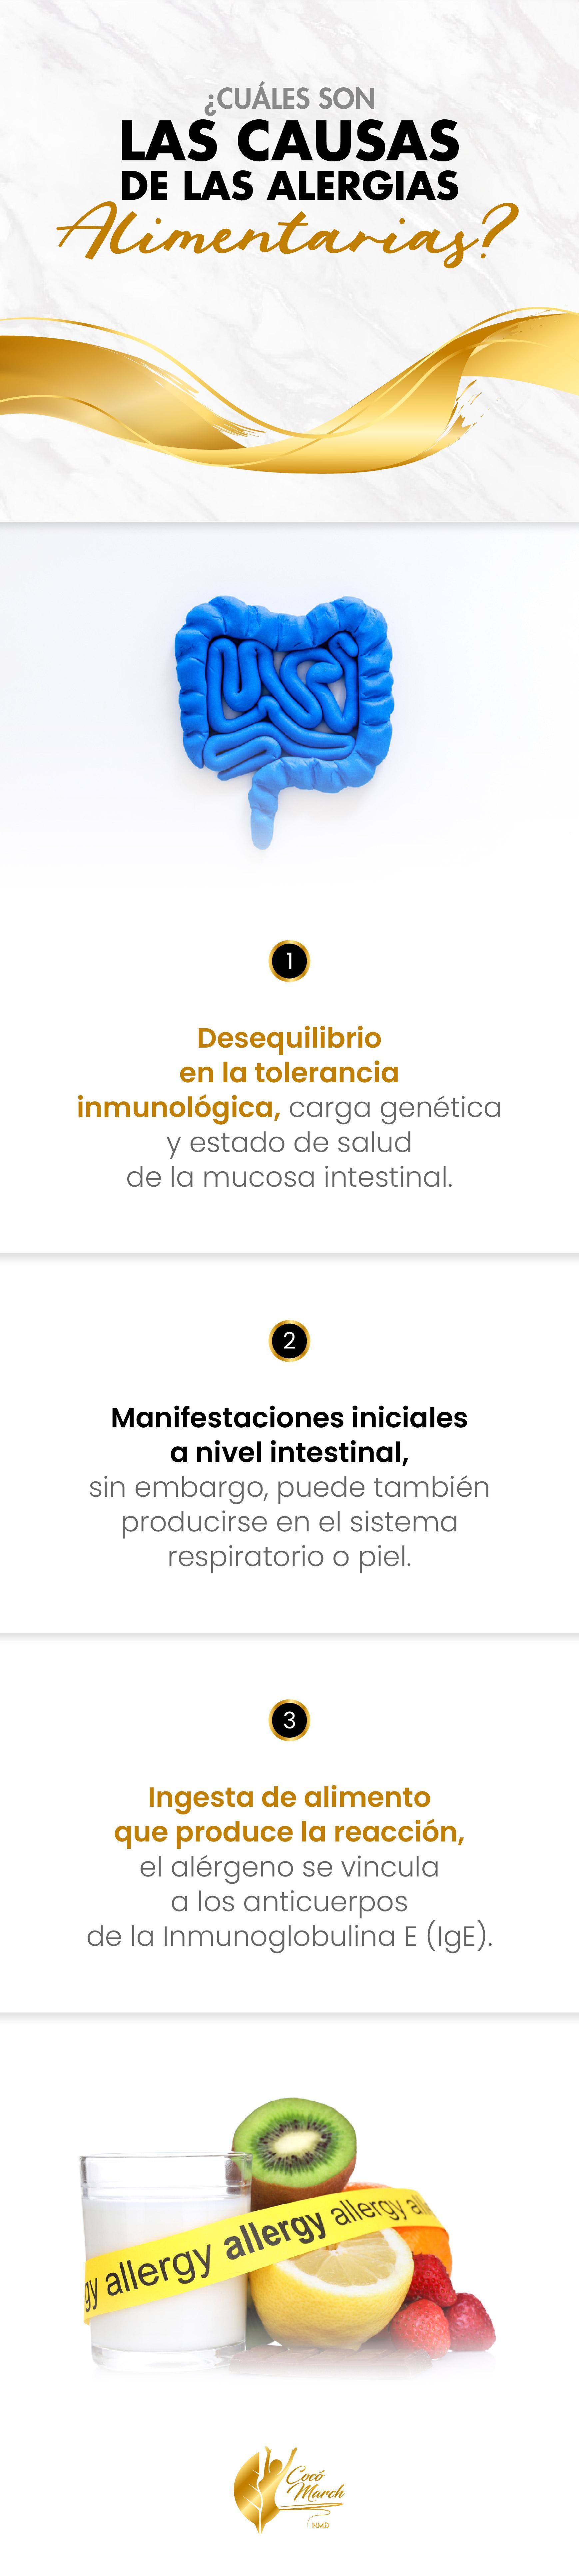 causas-de-las-alergias-alimentarias